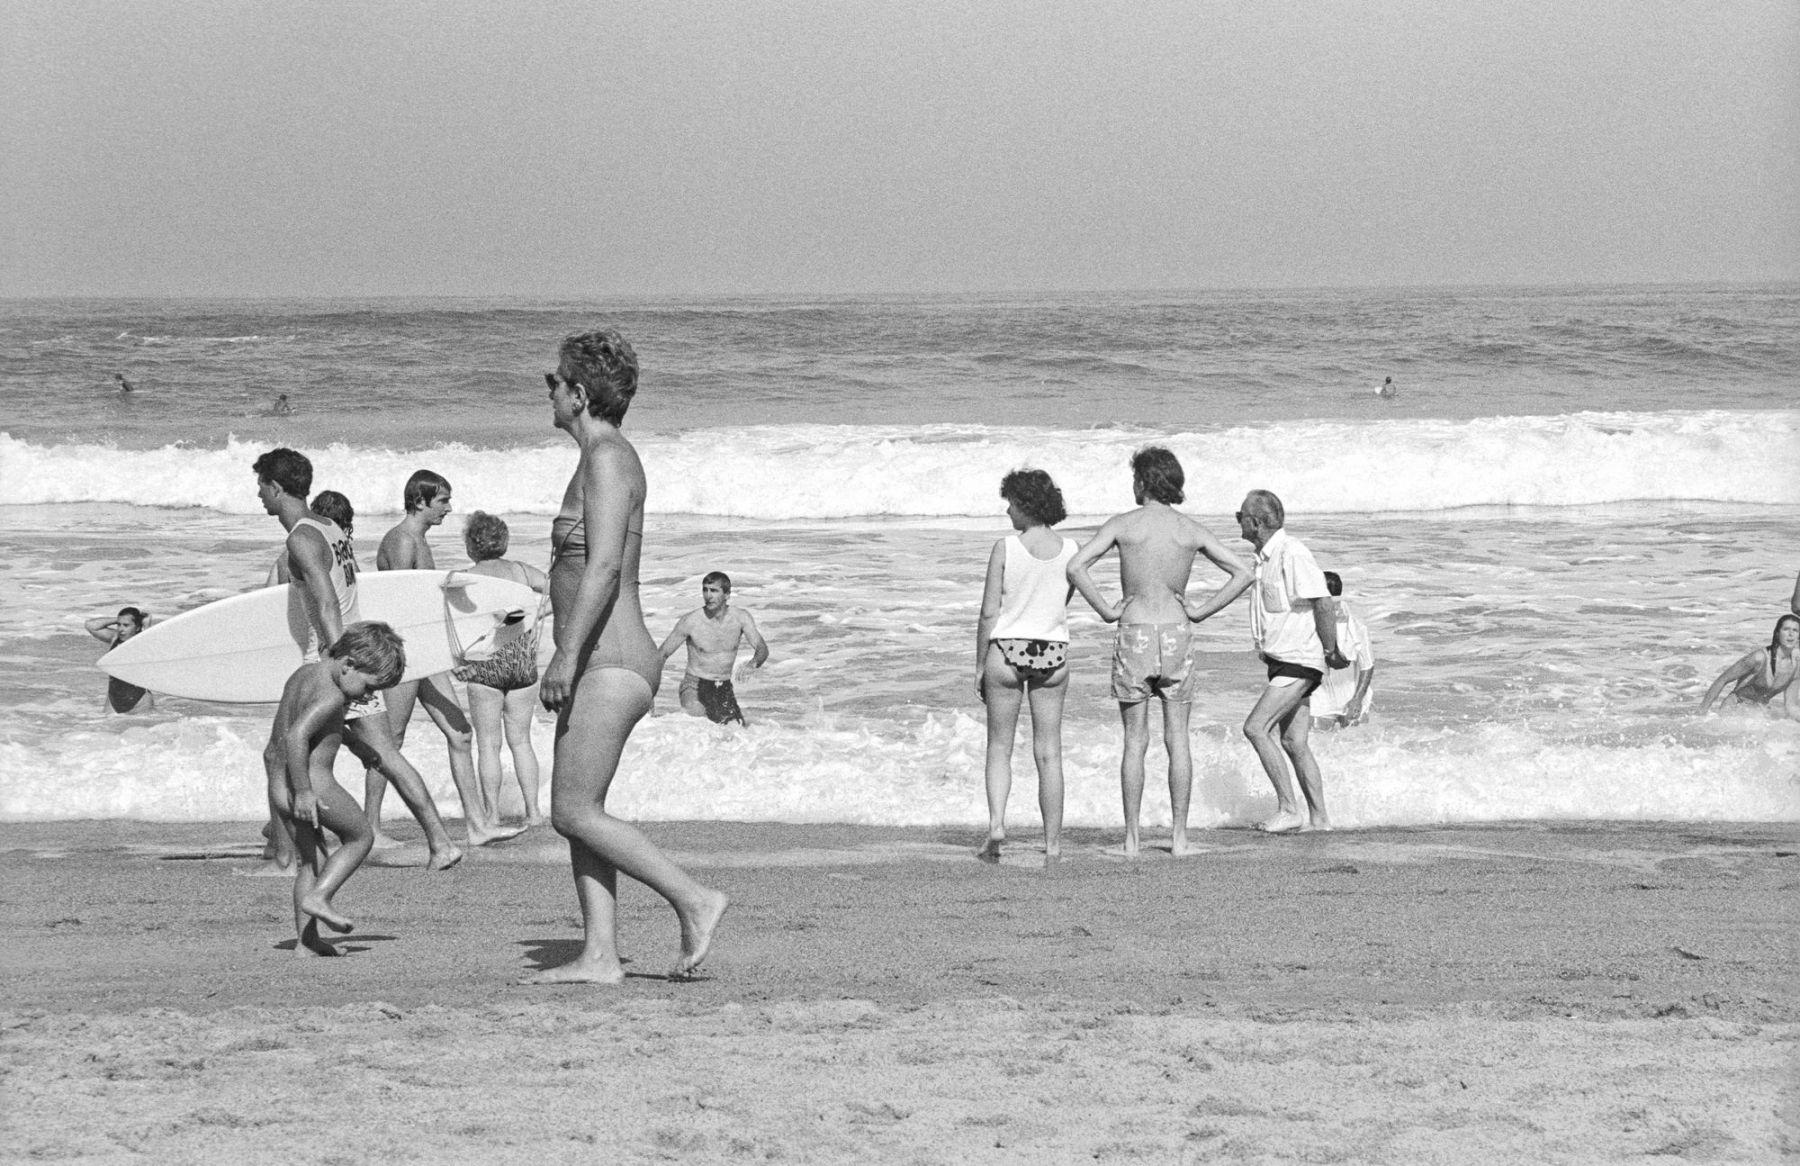 MichelAycaguer-Biarritz-GrandePlage-1988-PointFixe-Leica-4